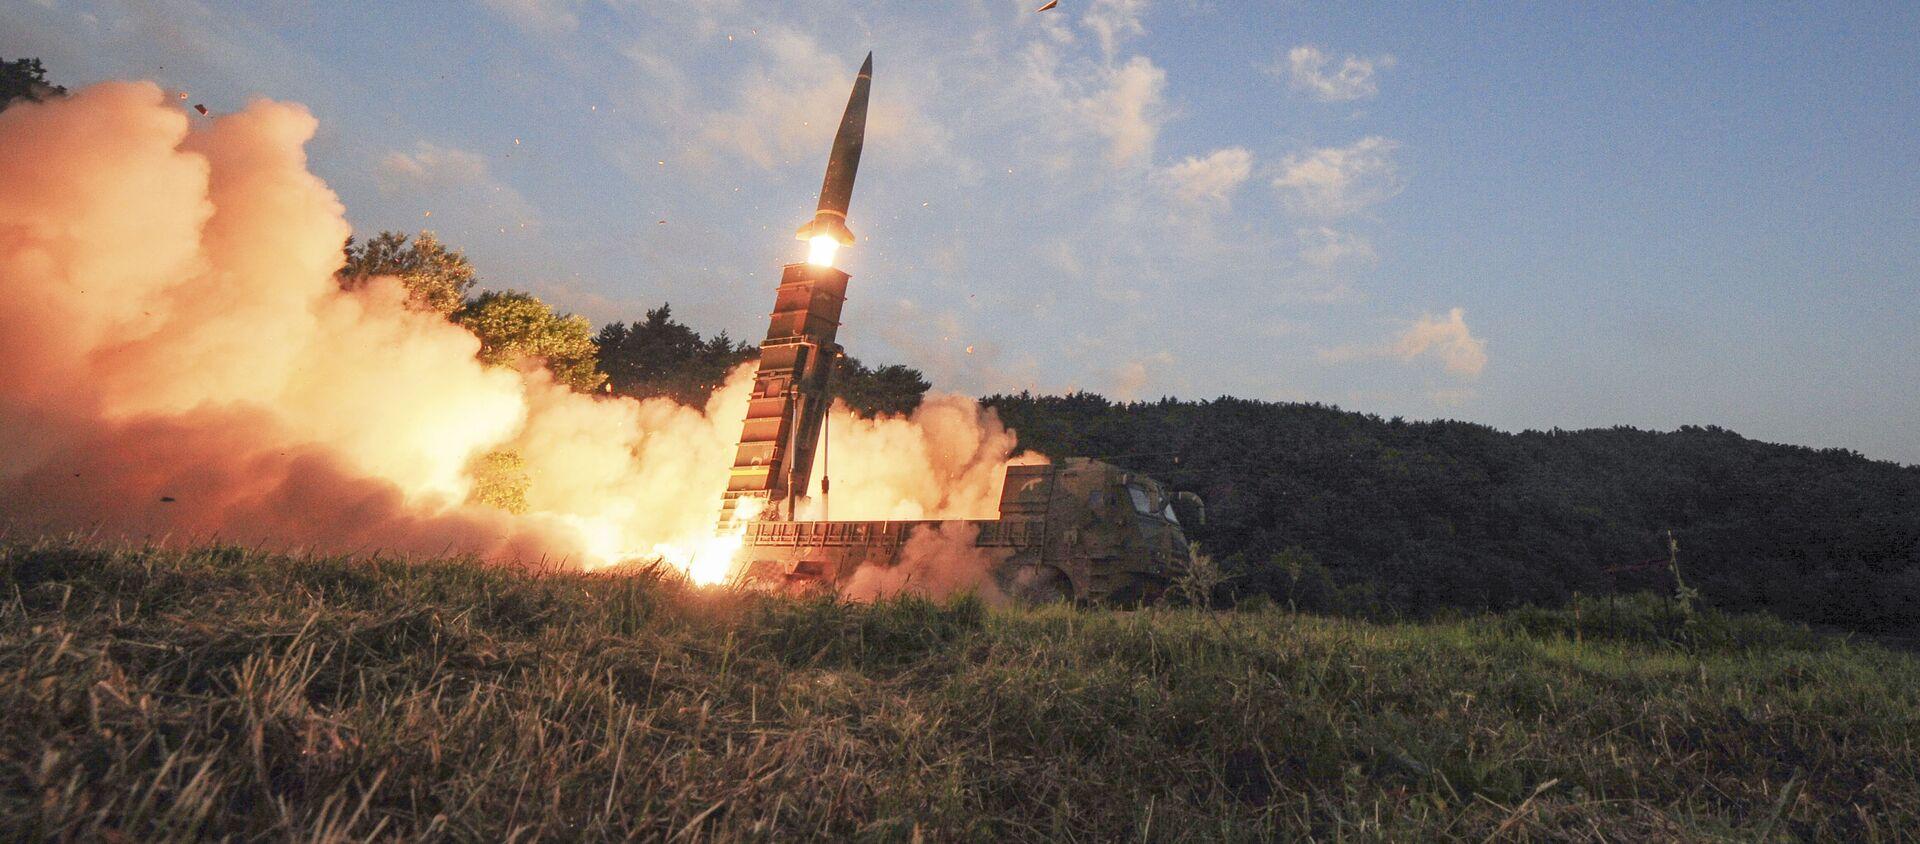 玄武-2 (ミサイル) - Sputnik 日本, 1920, 15.09.2021